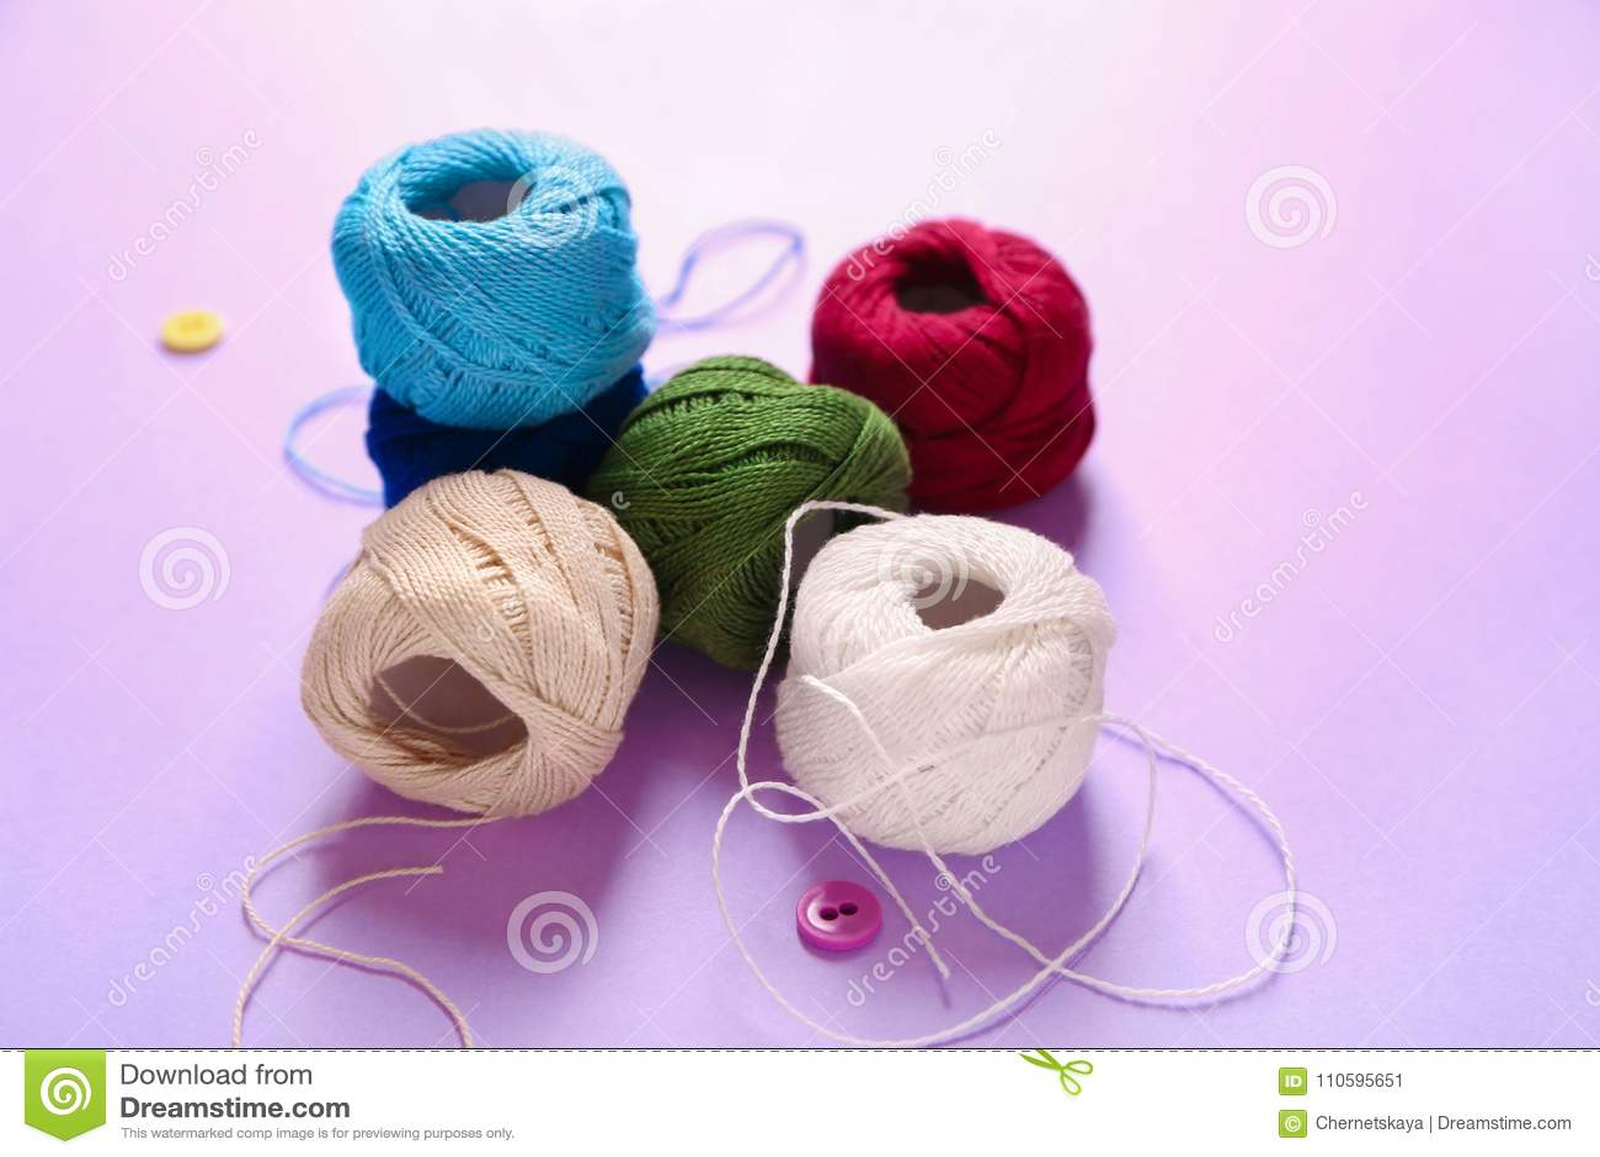 Grupo de clews do crochê